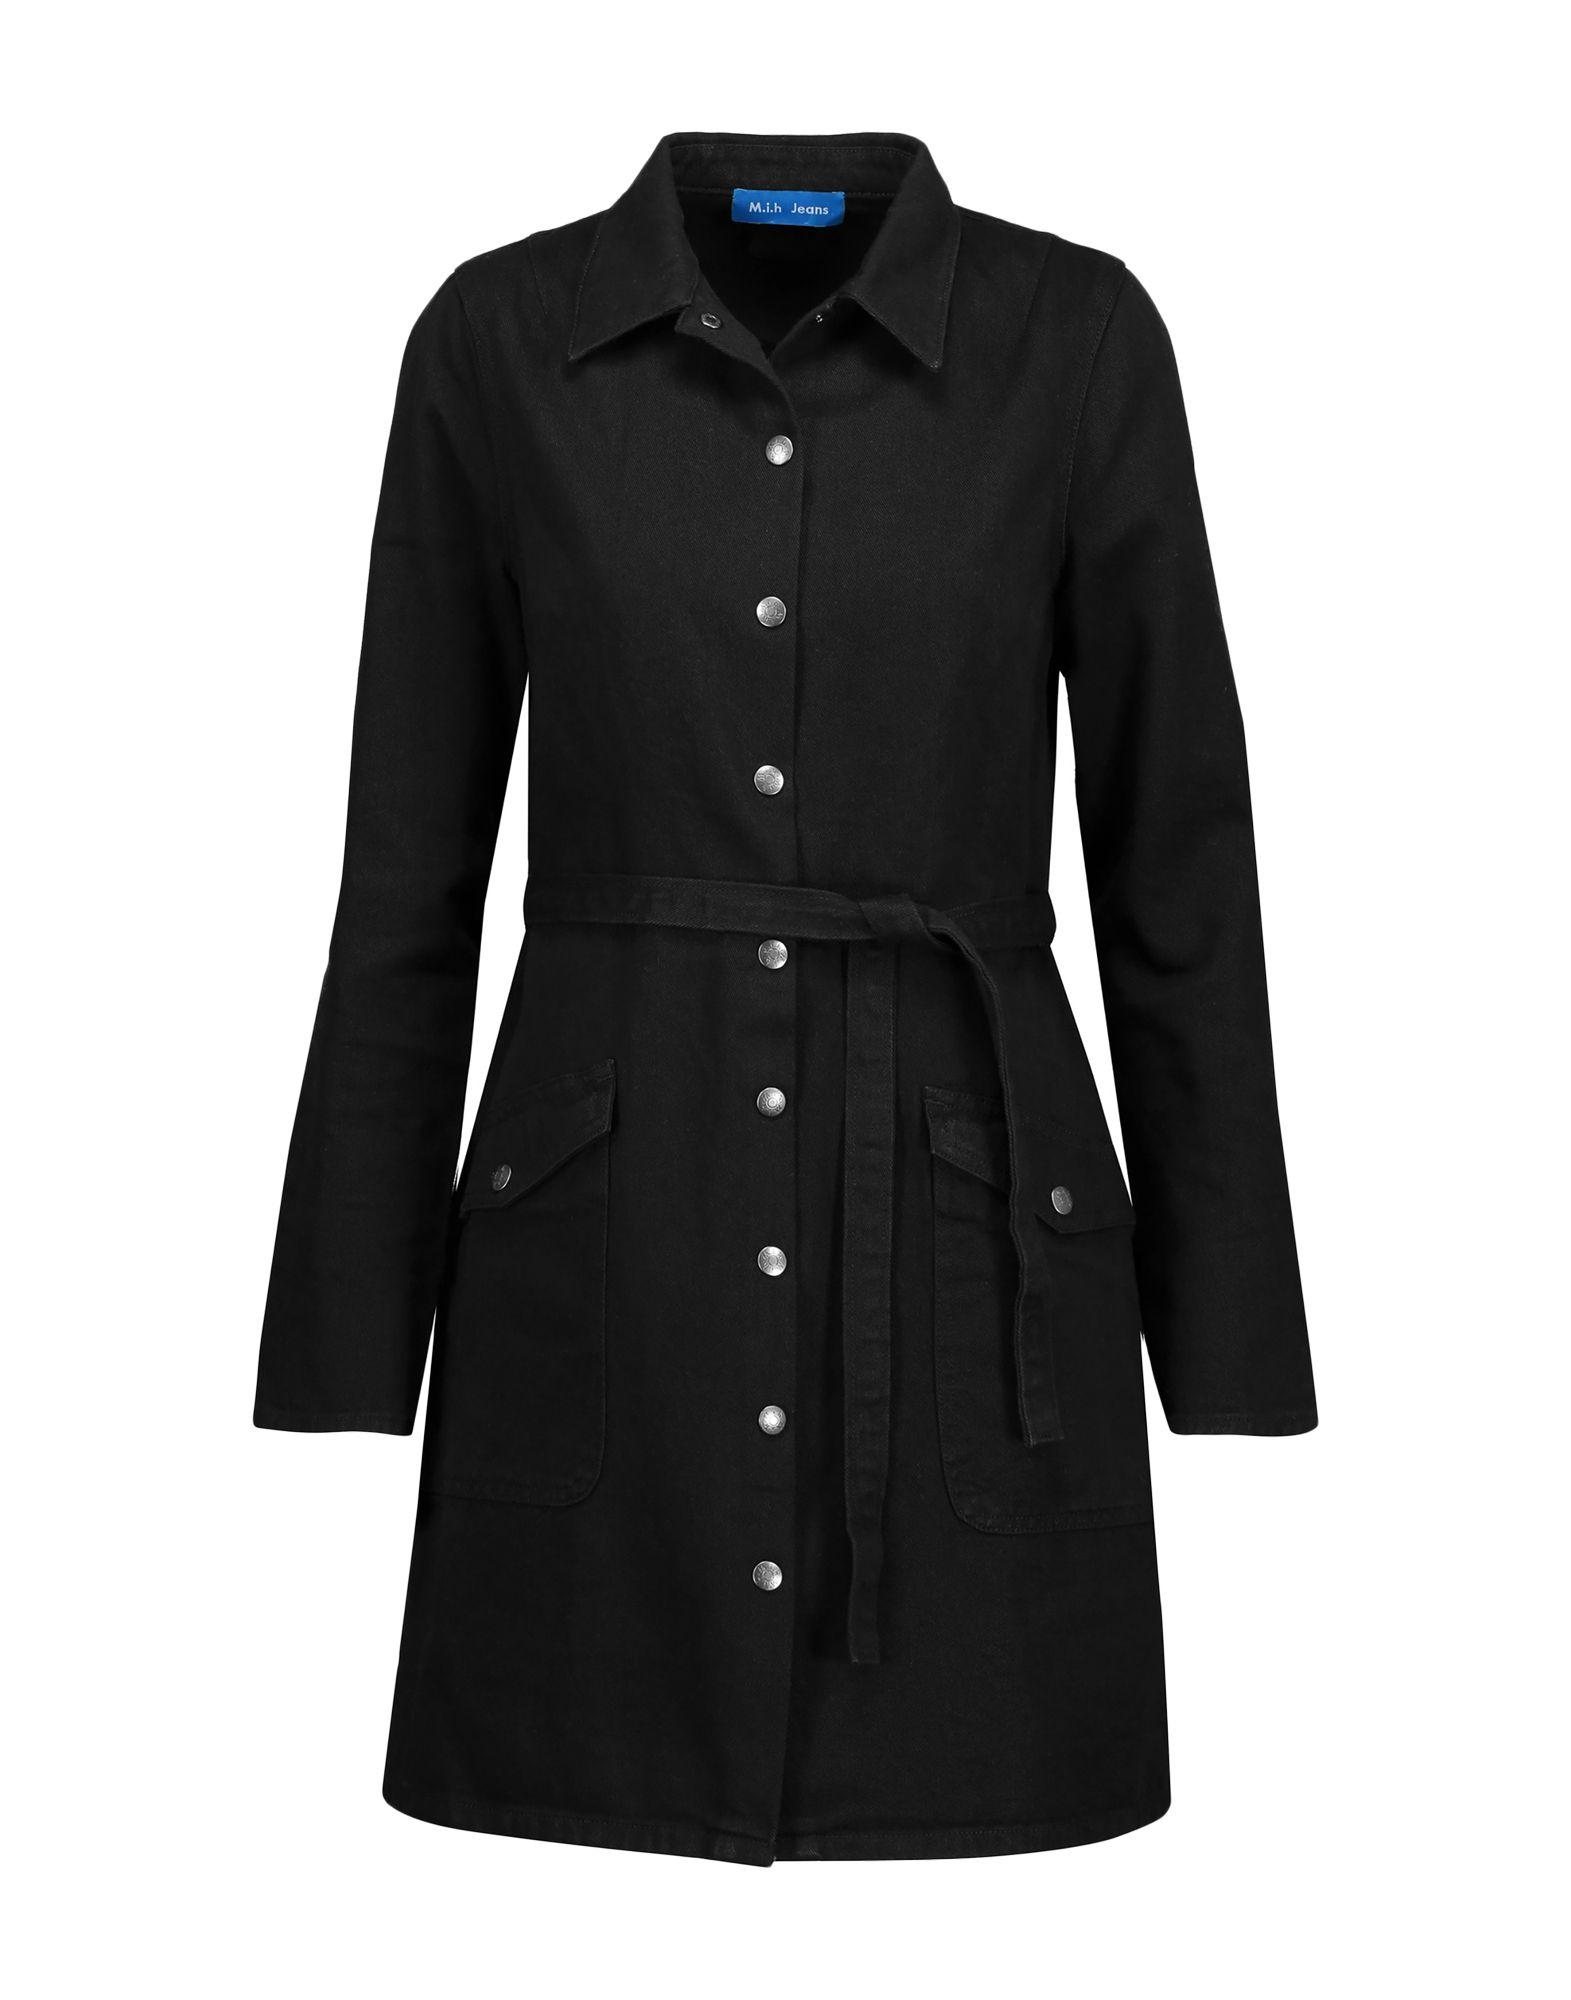 цена M.I.H JEANS Джинсовая верхняя одежда